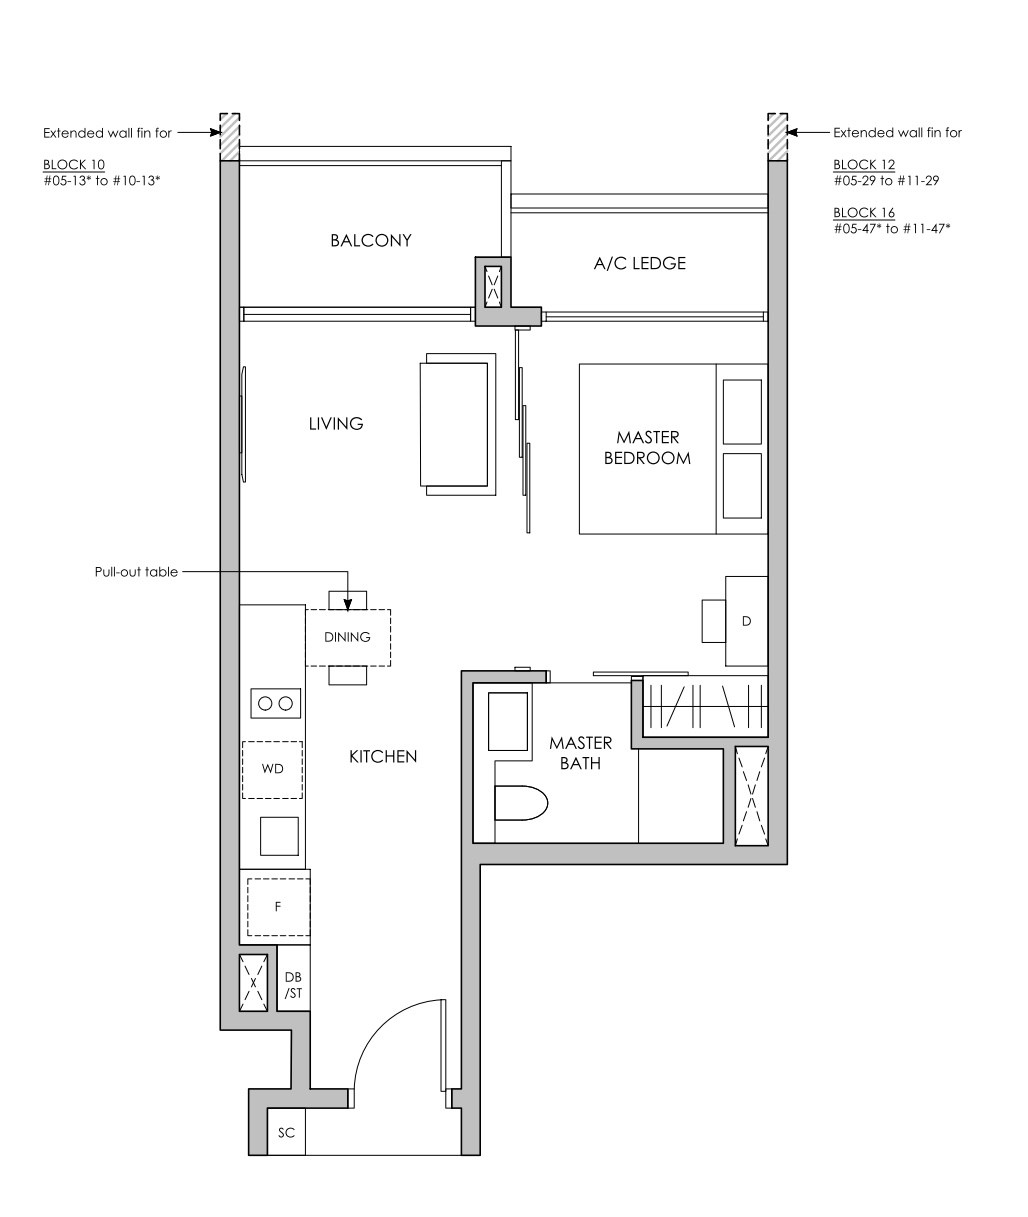 Pasir ris 8 floor plan 1 Bedroom